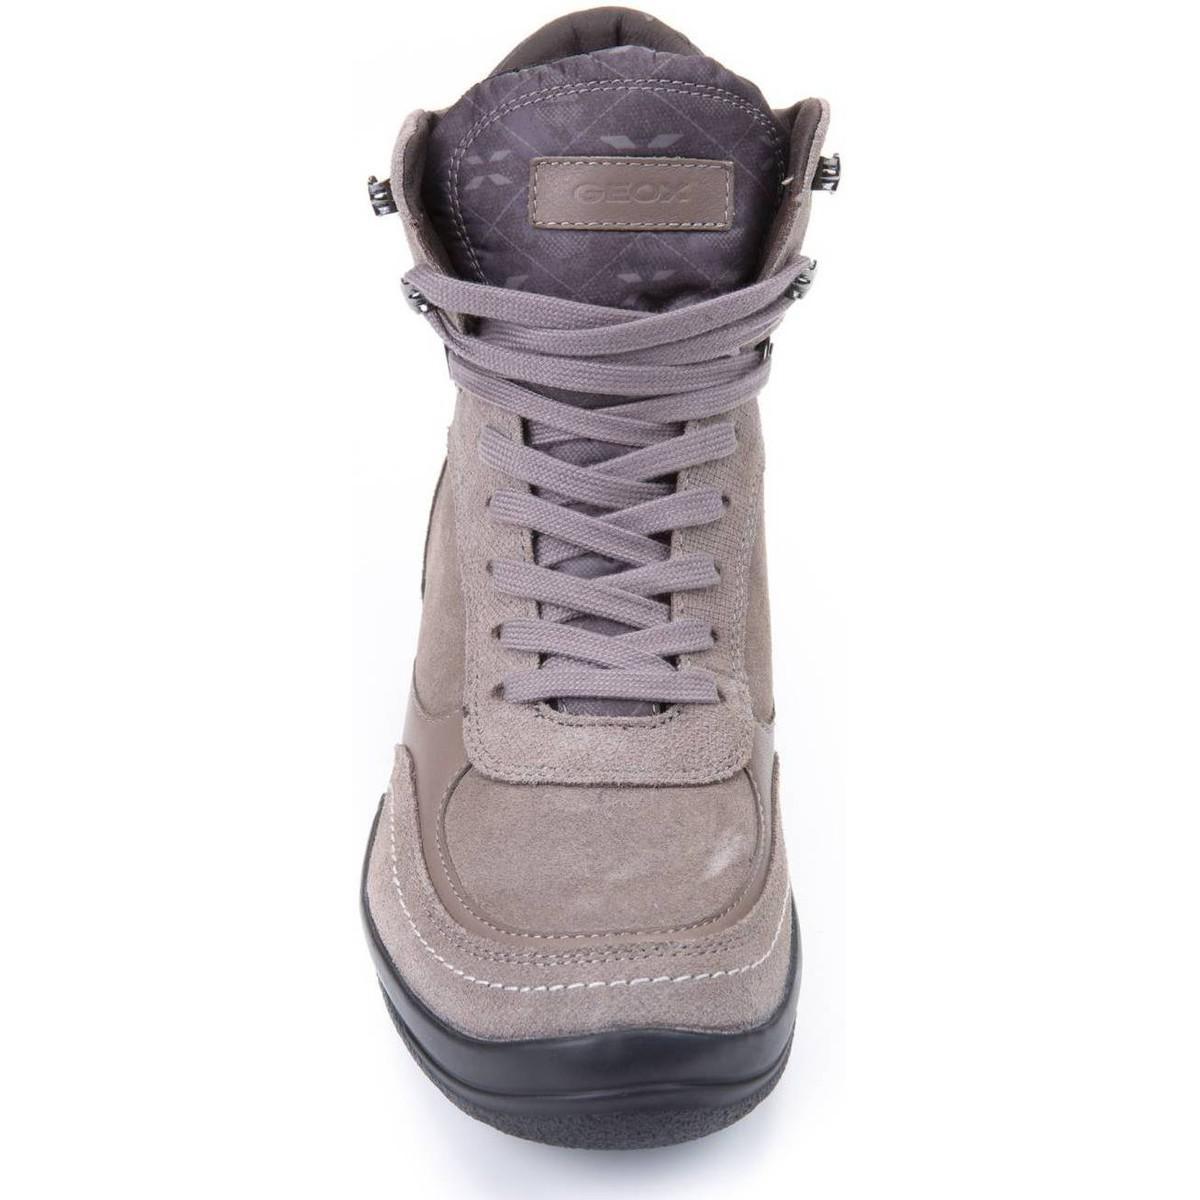 e675bb9ab2f Geox D640tb 0bs22 Trekking Shoes Women Beige Women's Trainers In ...